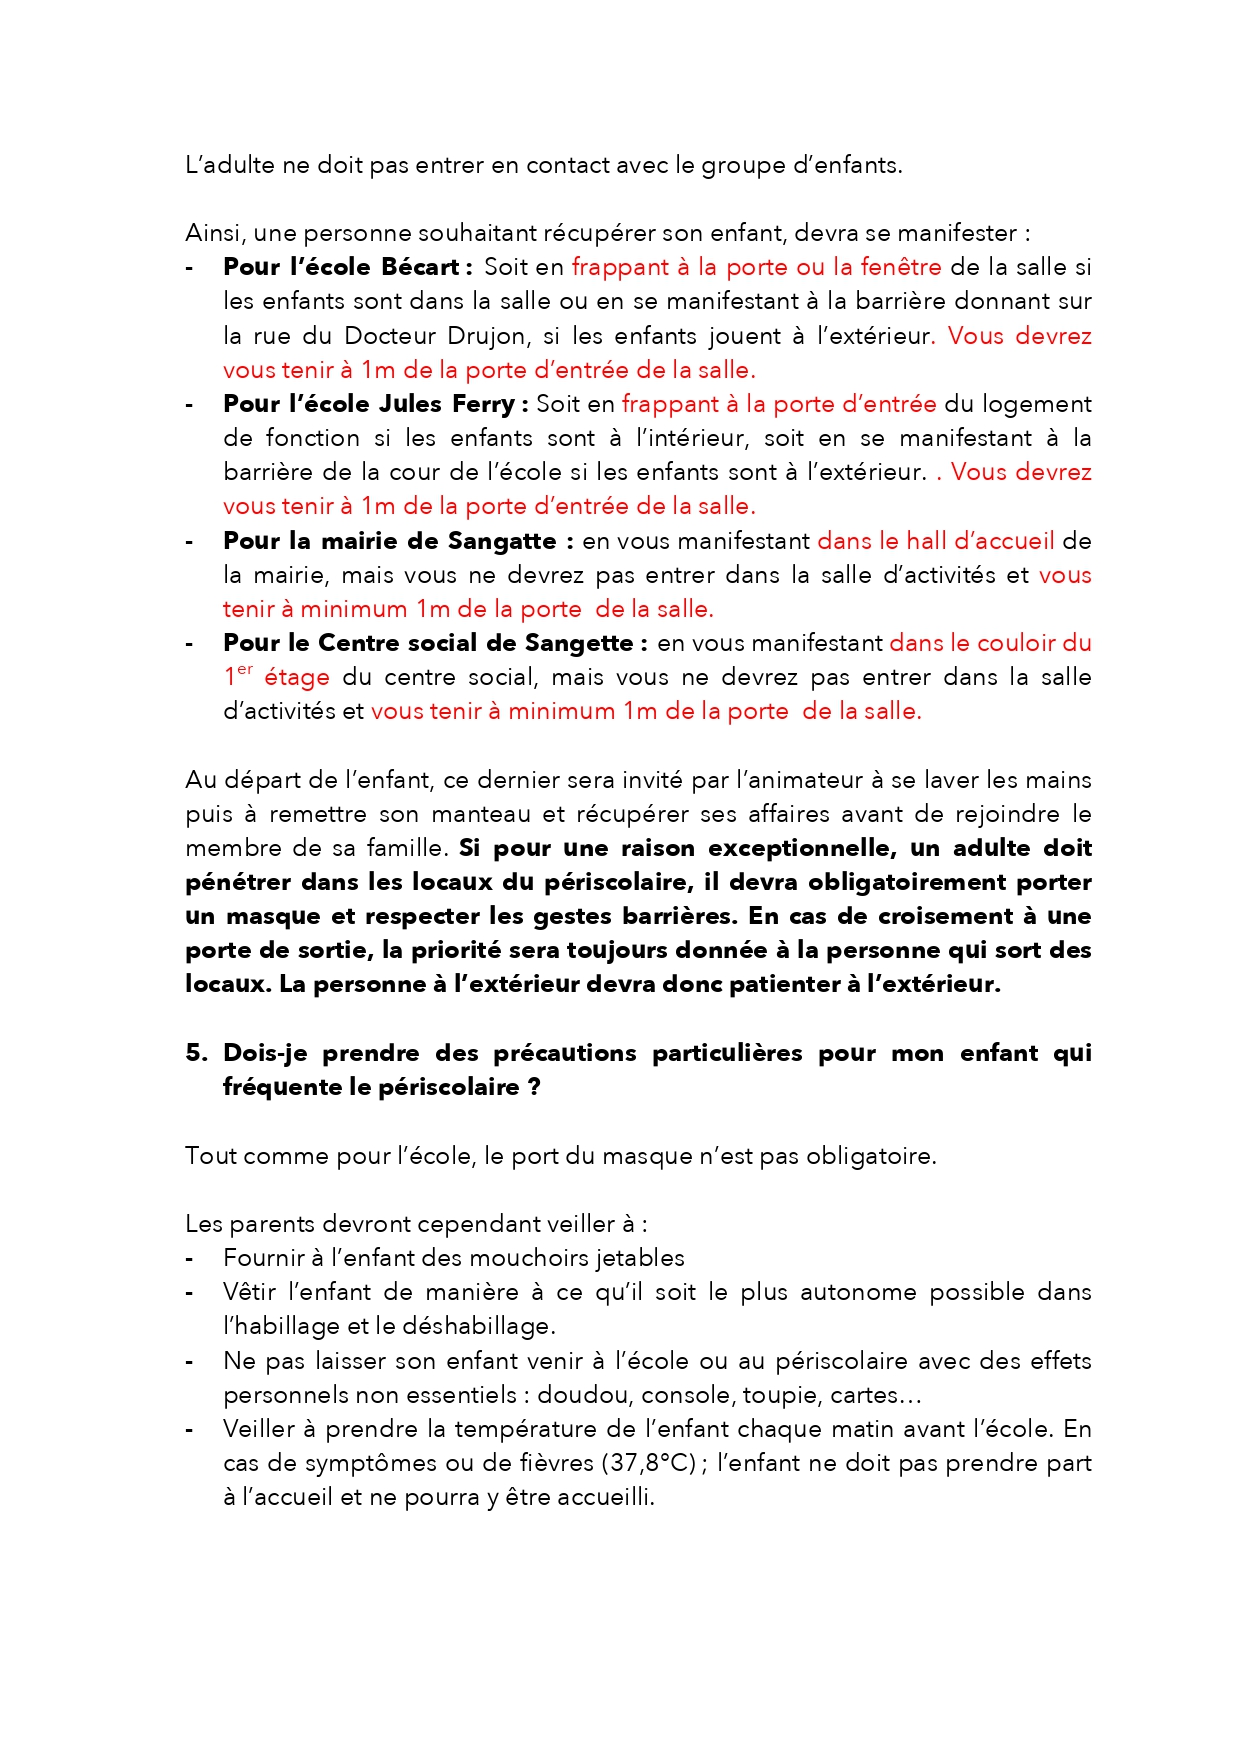 Protocole de réouverture des accueils périscolaires_pages-to-jpg-0003